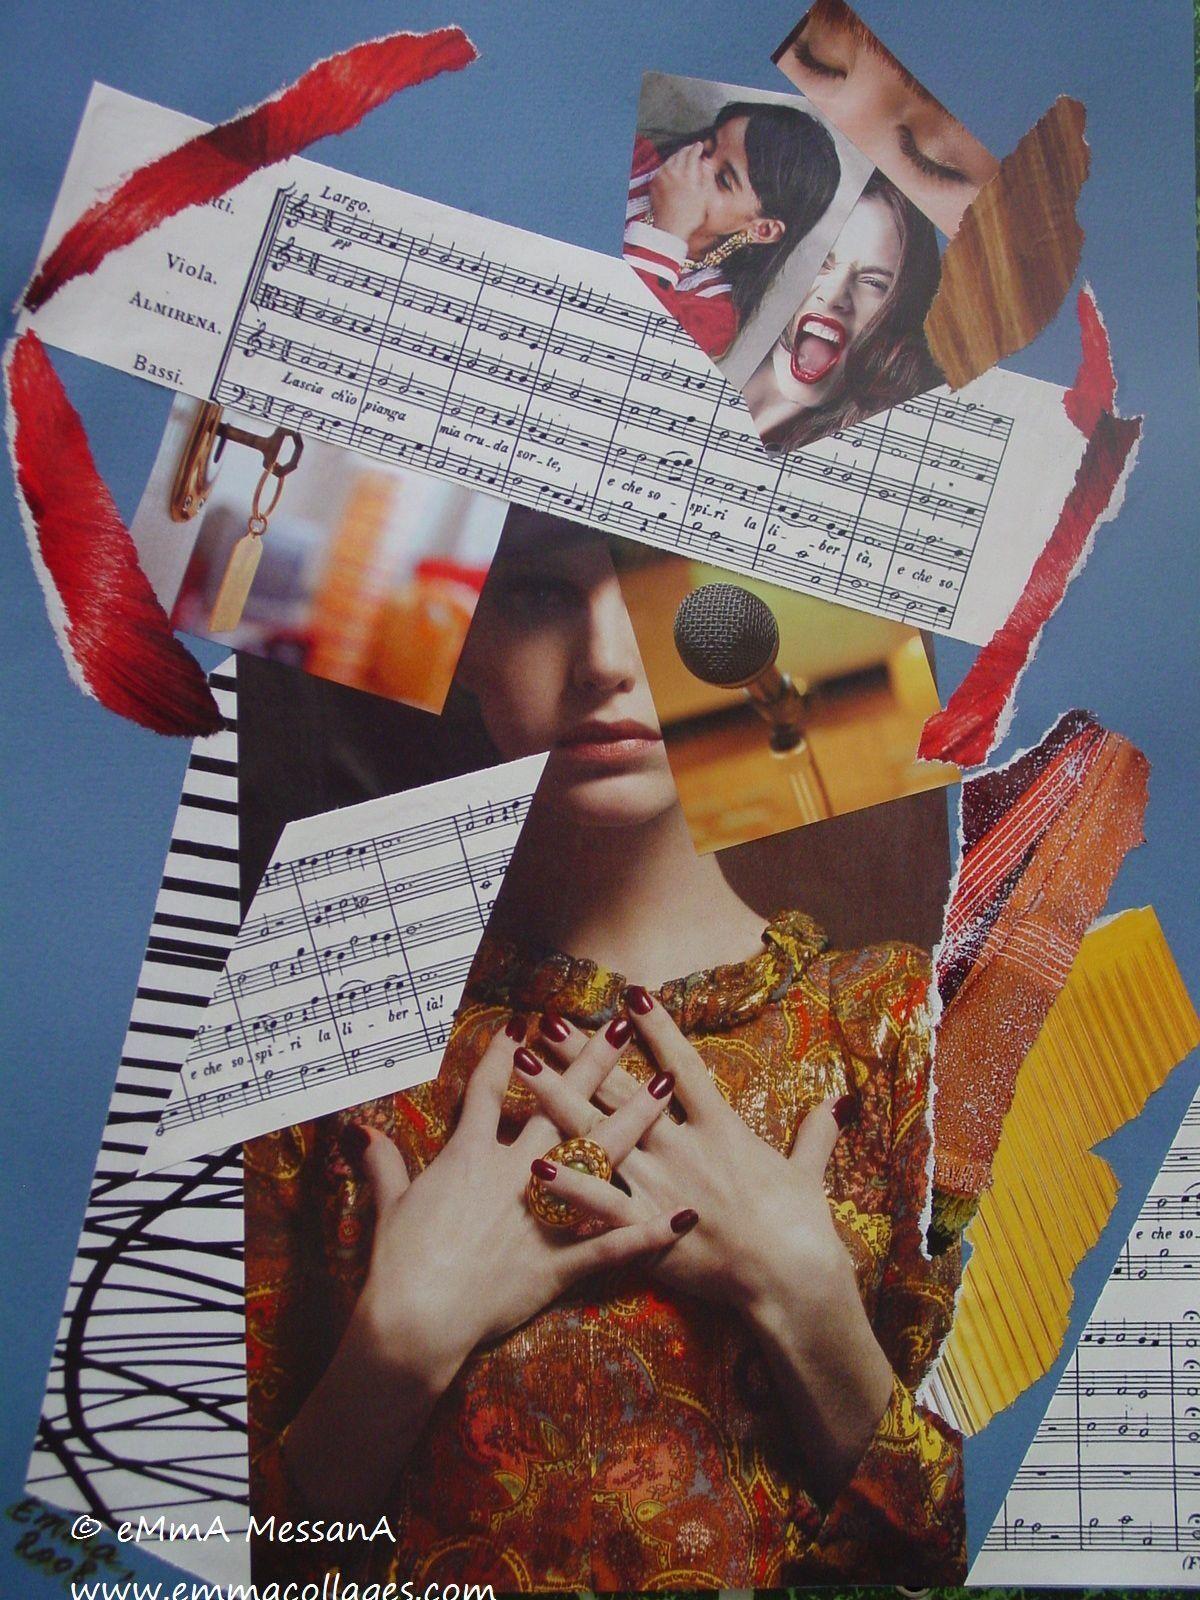 """Les Collages d'eMmA MessanA, collage """"Voix"""", pièce unique"""